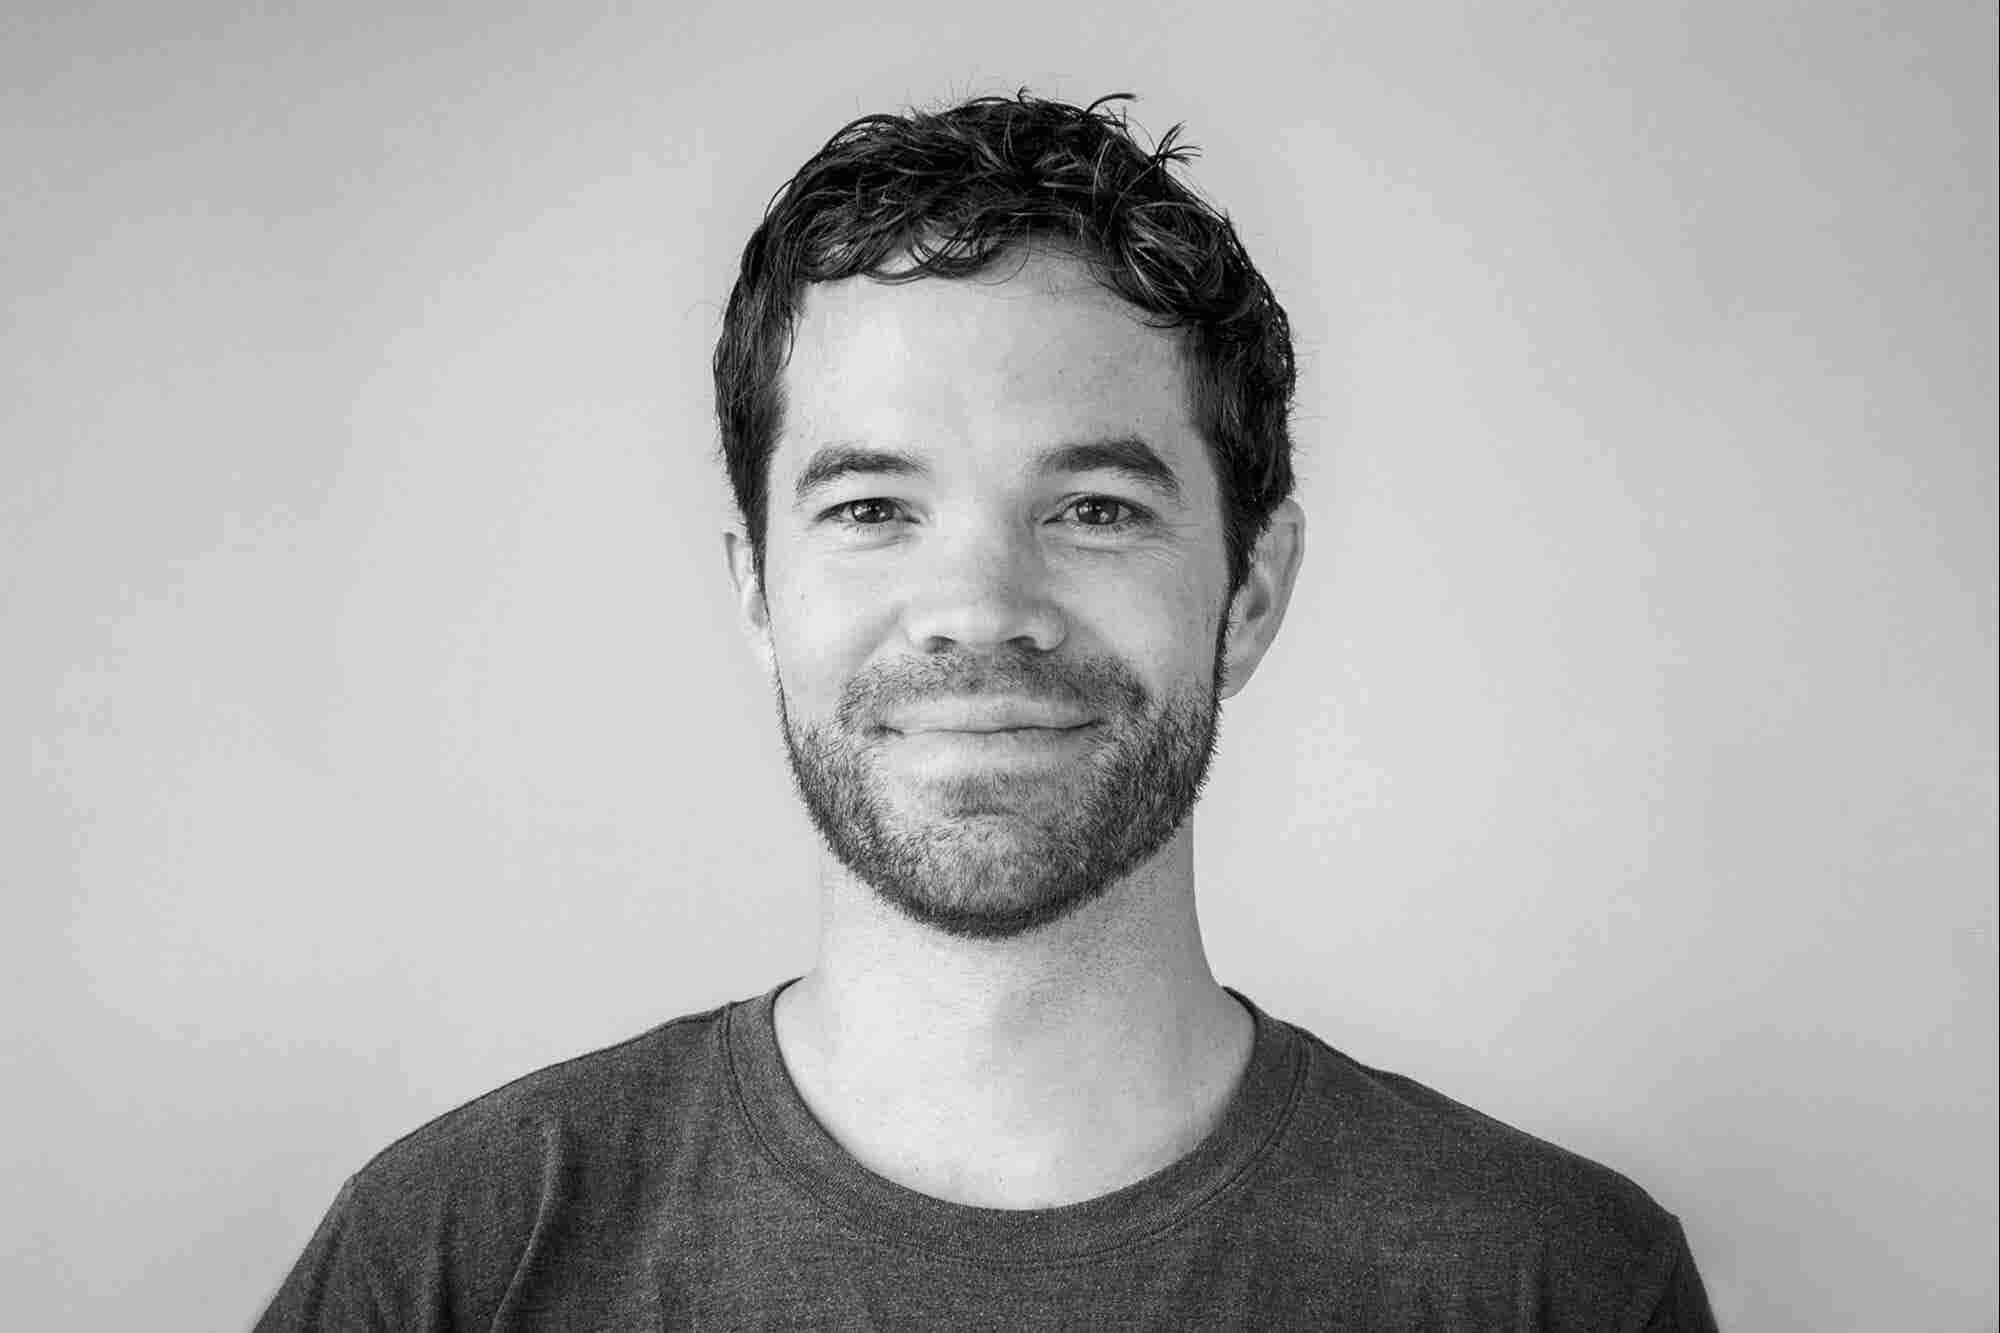 'Por qué tuve que despedir a mi cofundador, CEO y mejor amigo'